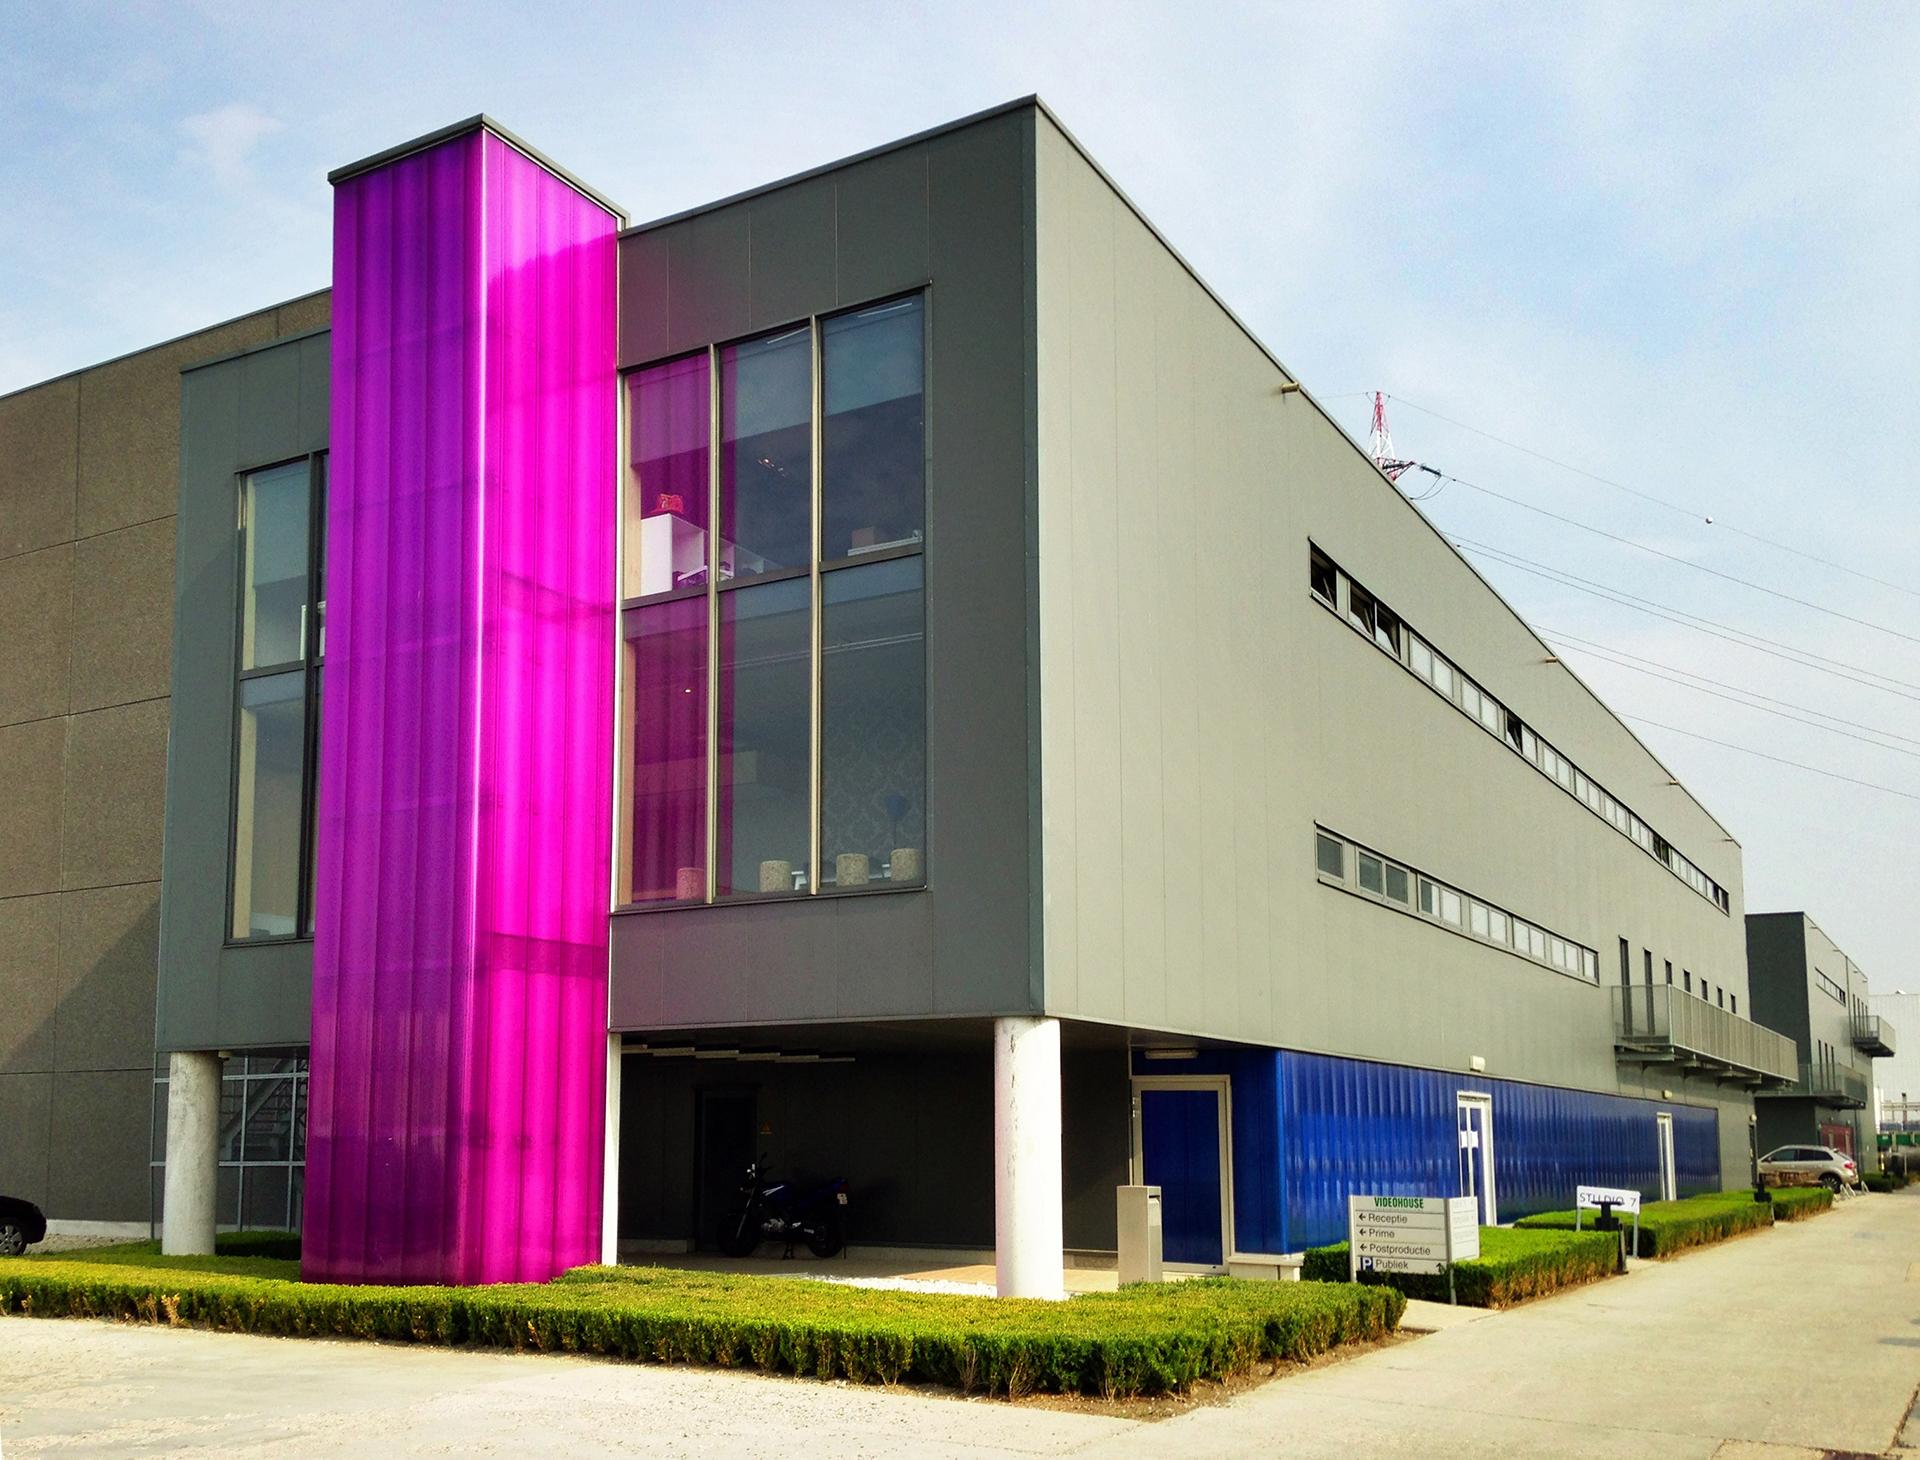 Oficinas centrales de Videohouse en Bélgica